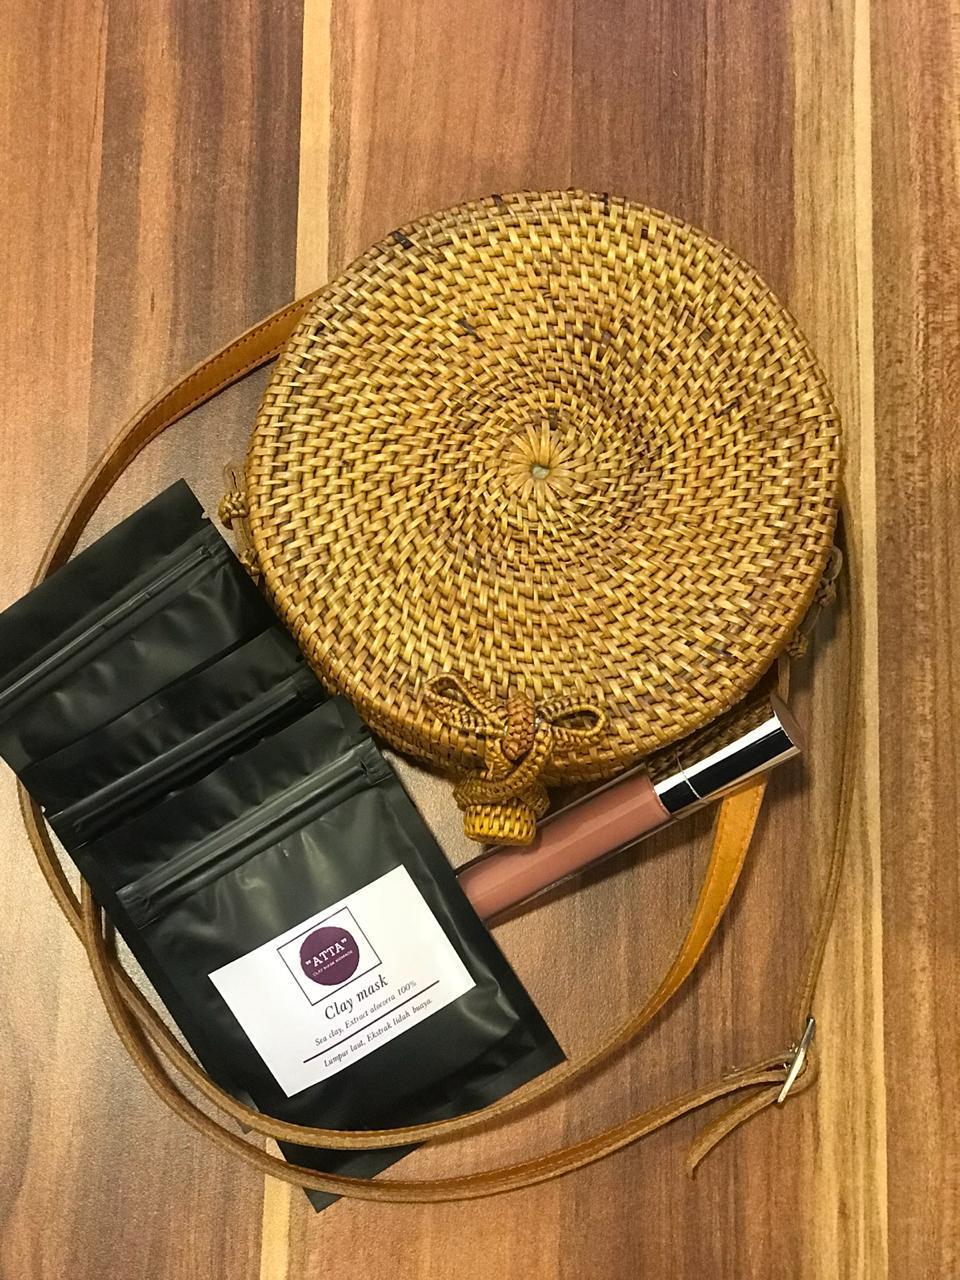 Masker herbal Masker wajah, ATTA Claymask Homade cocok untuk semua usia tanpa efek samping